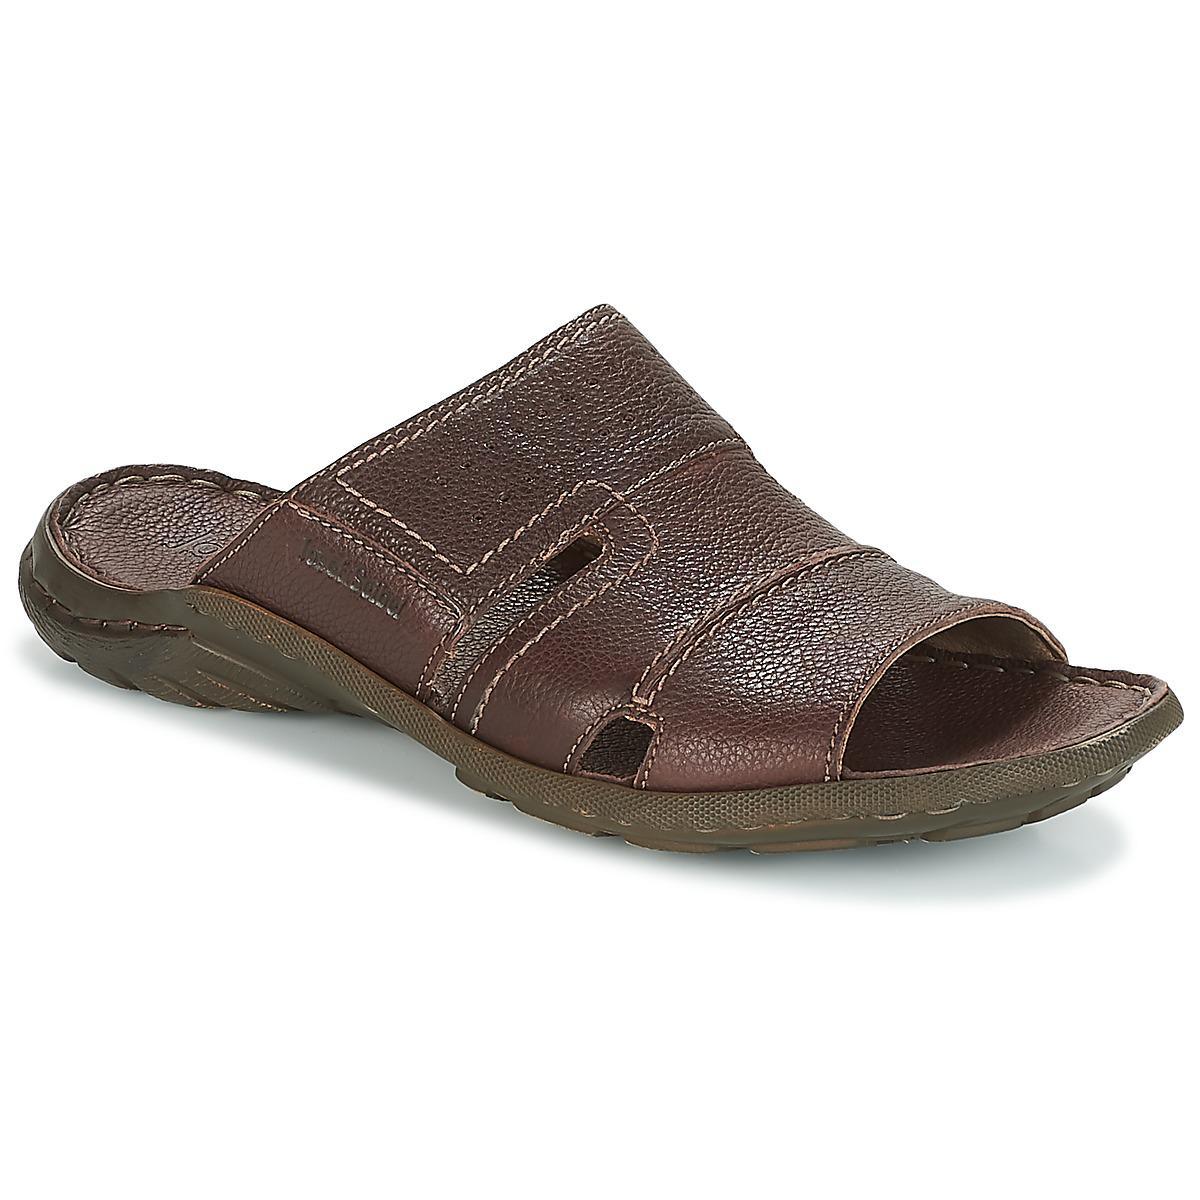 c1a8f69986 josef-seibel-brown-Logan-38-Mens-Mules-Casual-Shoes-In-Brown.jpeg